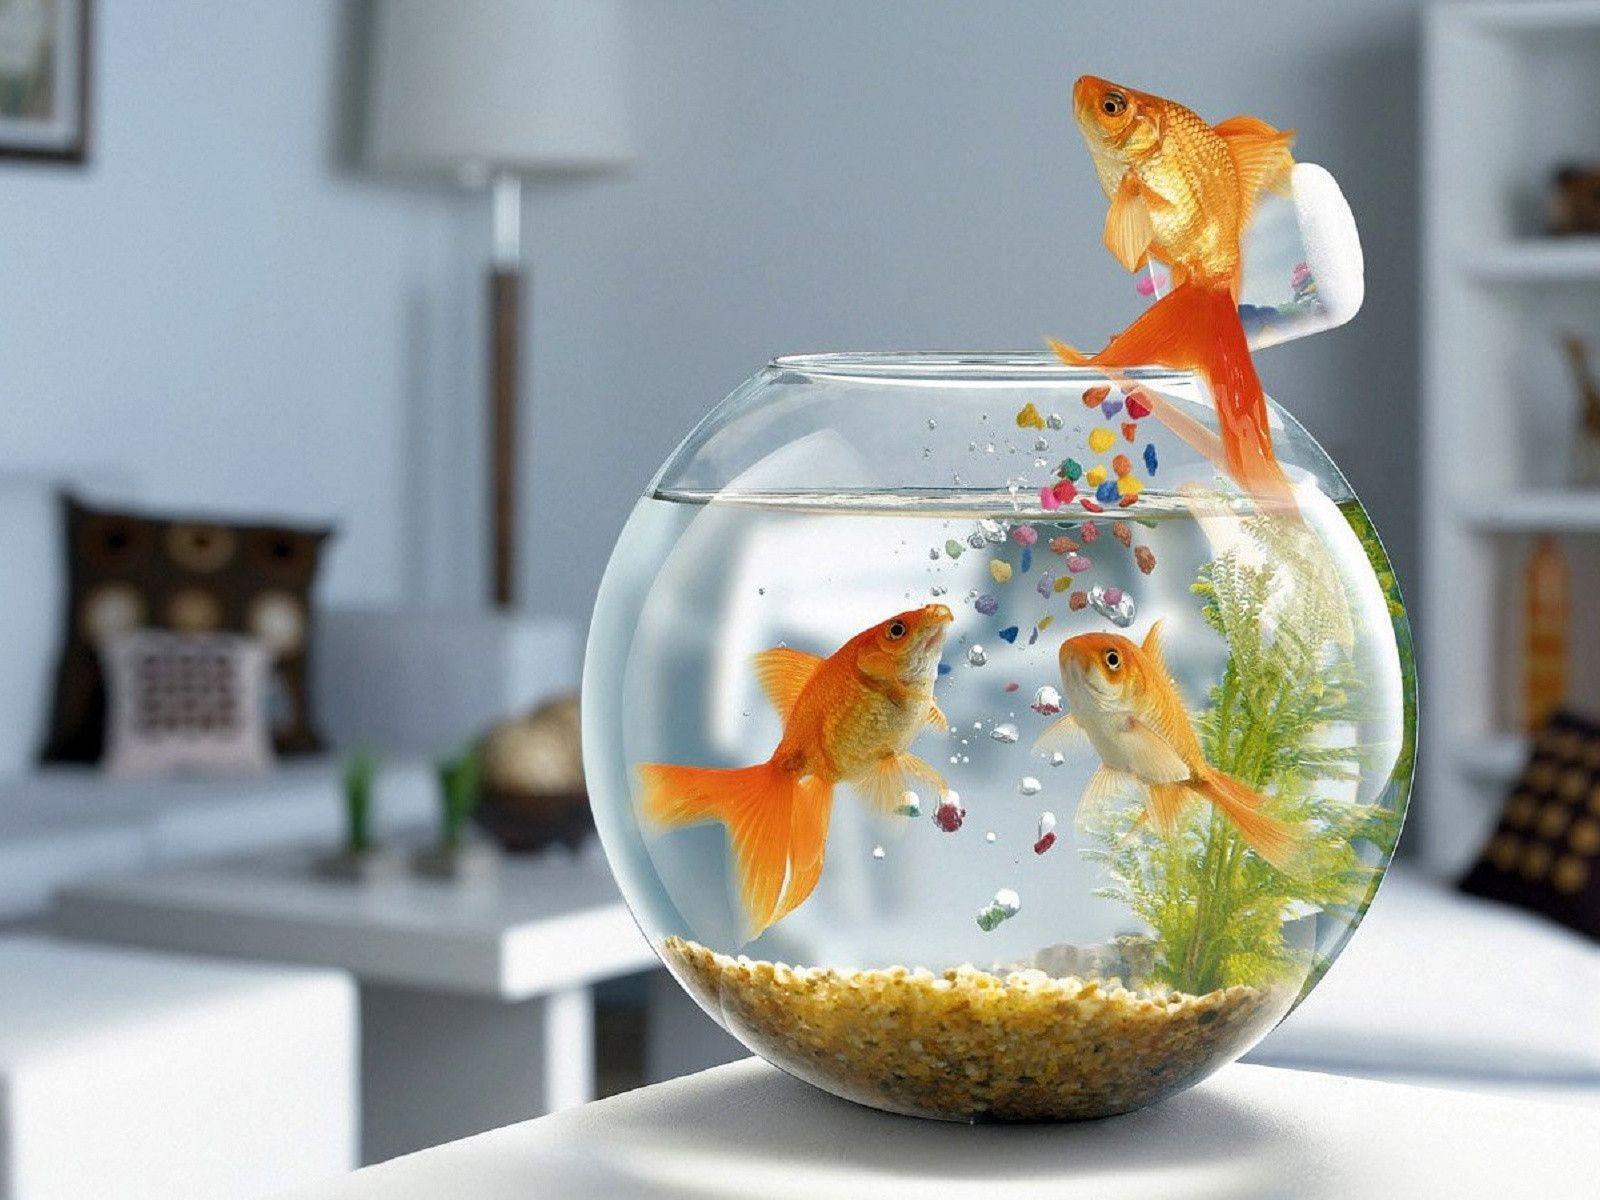 Moving Fish Wallpaper for Desktop - WallpaperSafari